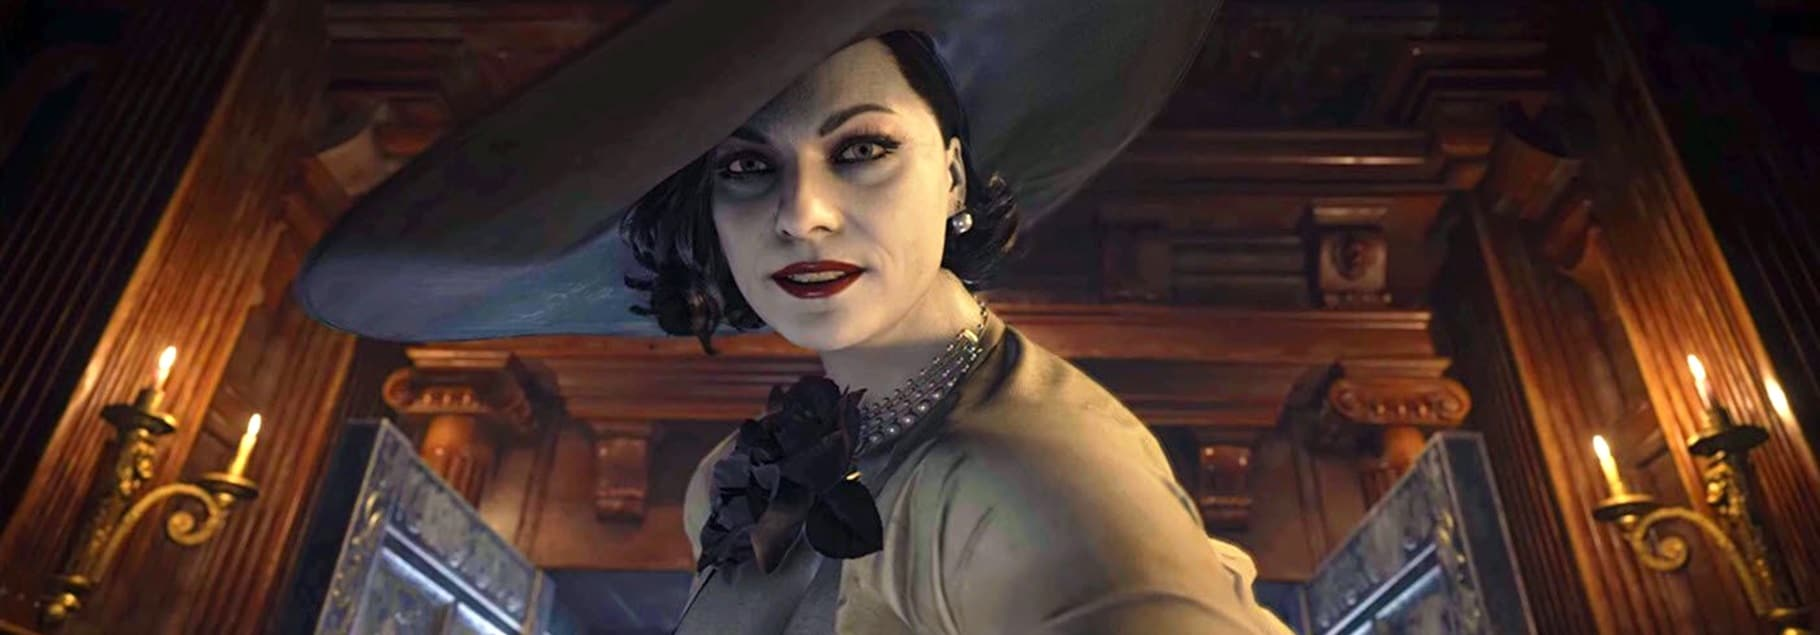 Lady Dimitrescu de Resident Evil Village.